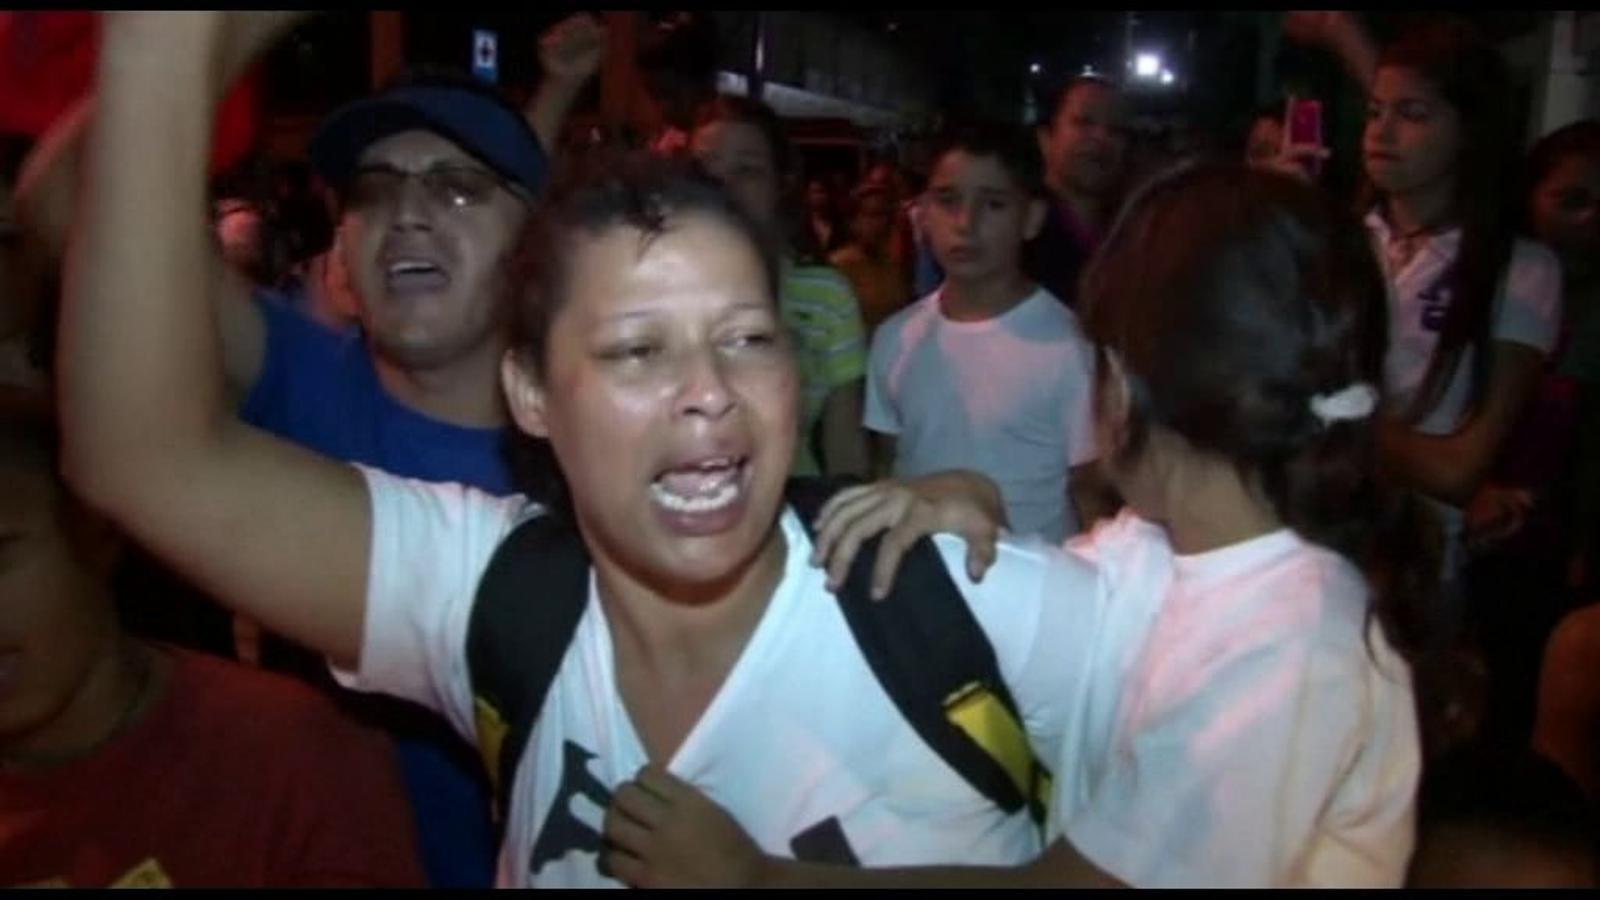 El poble veneçolà, commocionat per la mort del president Chávez